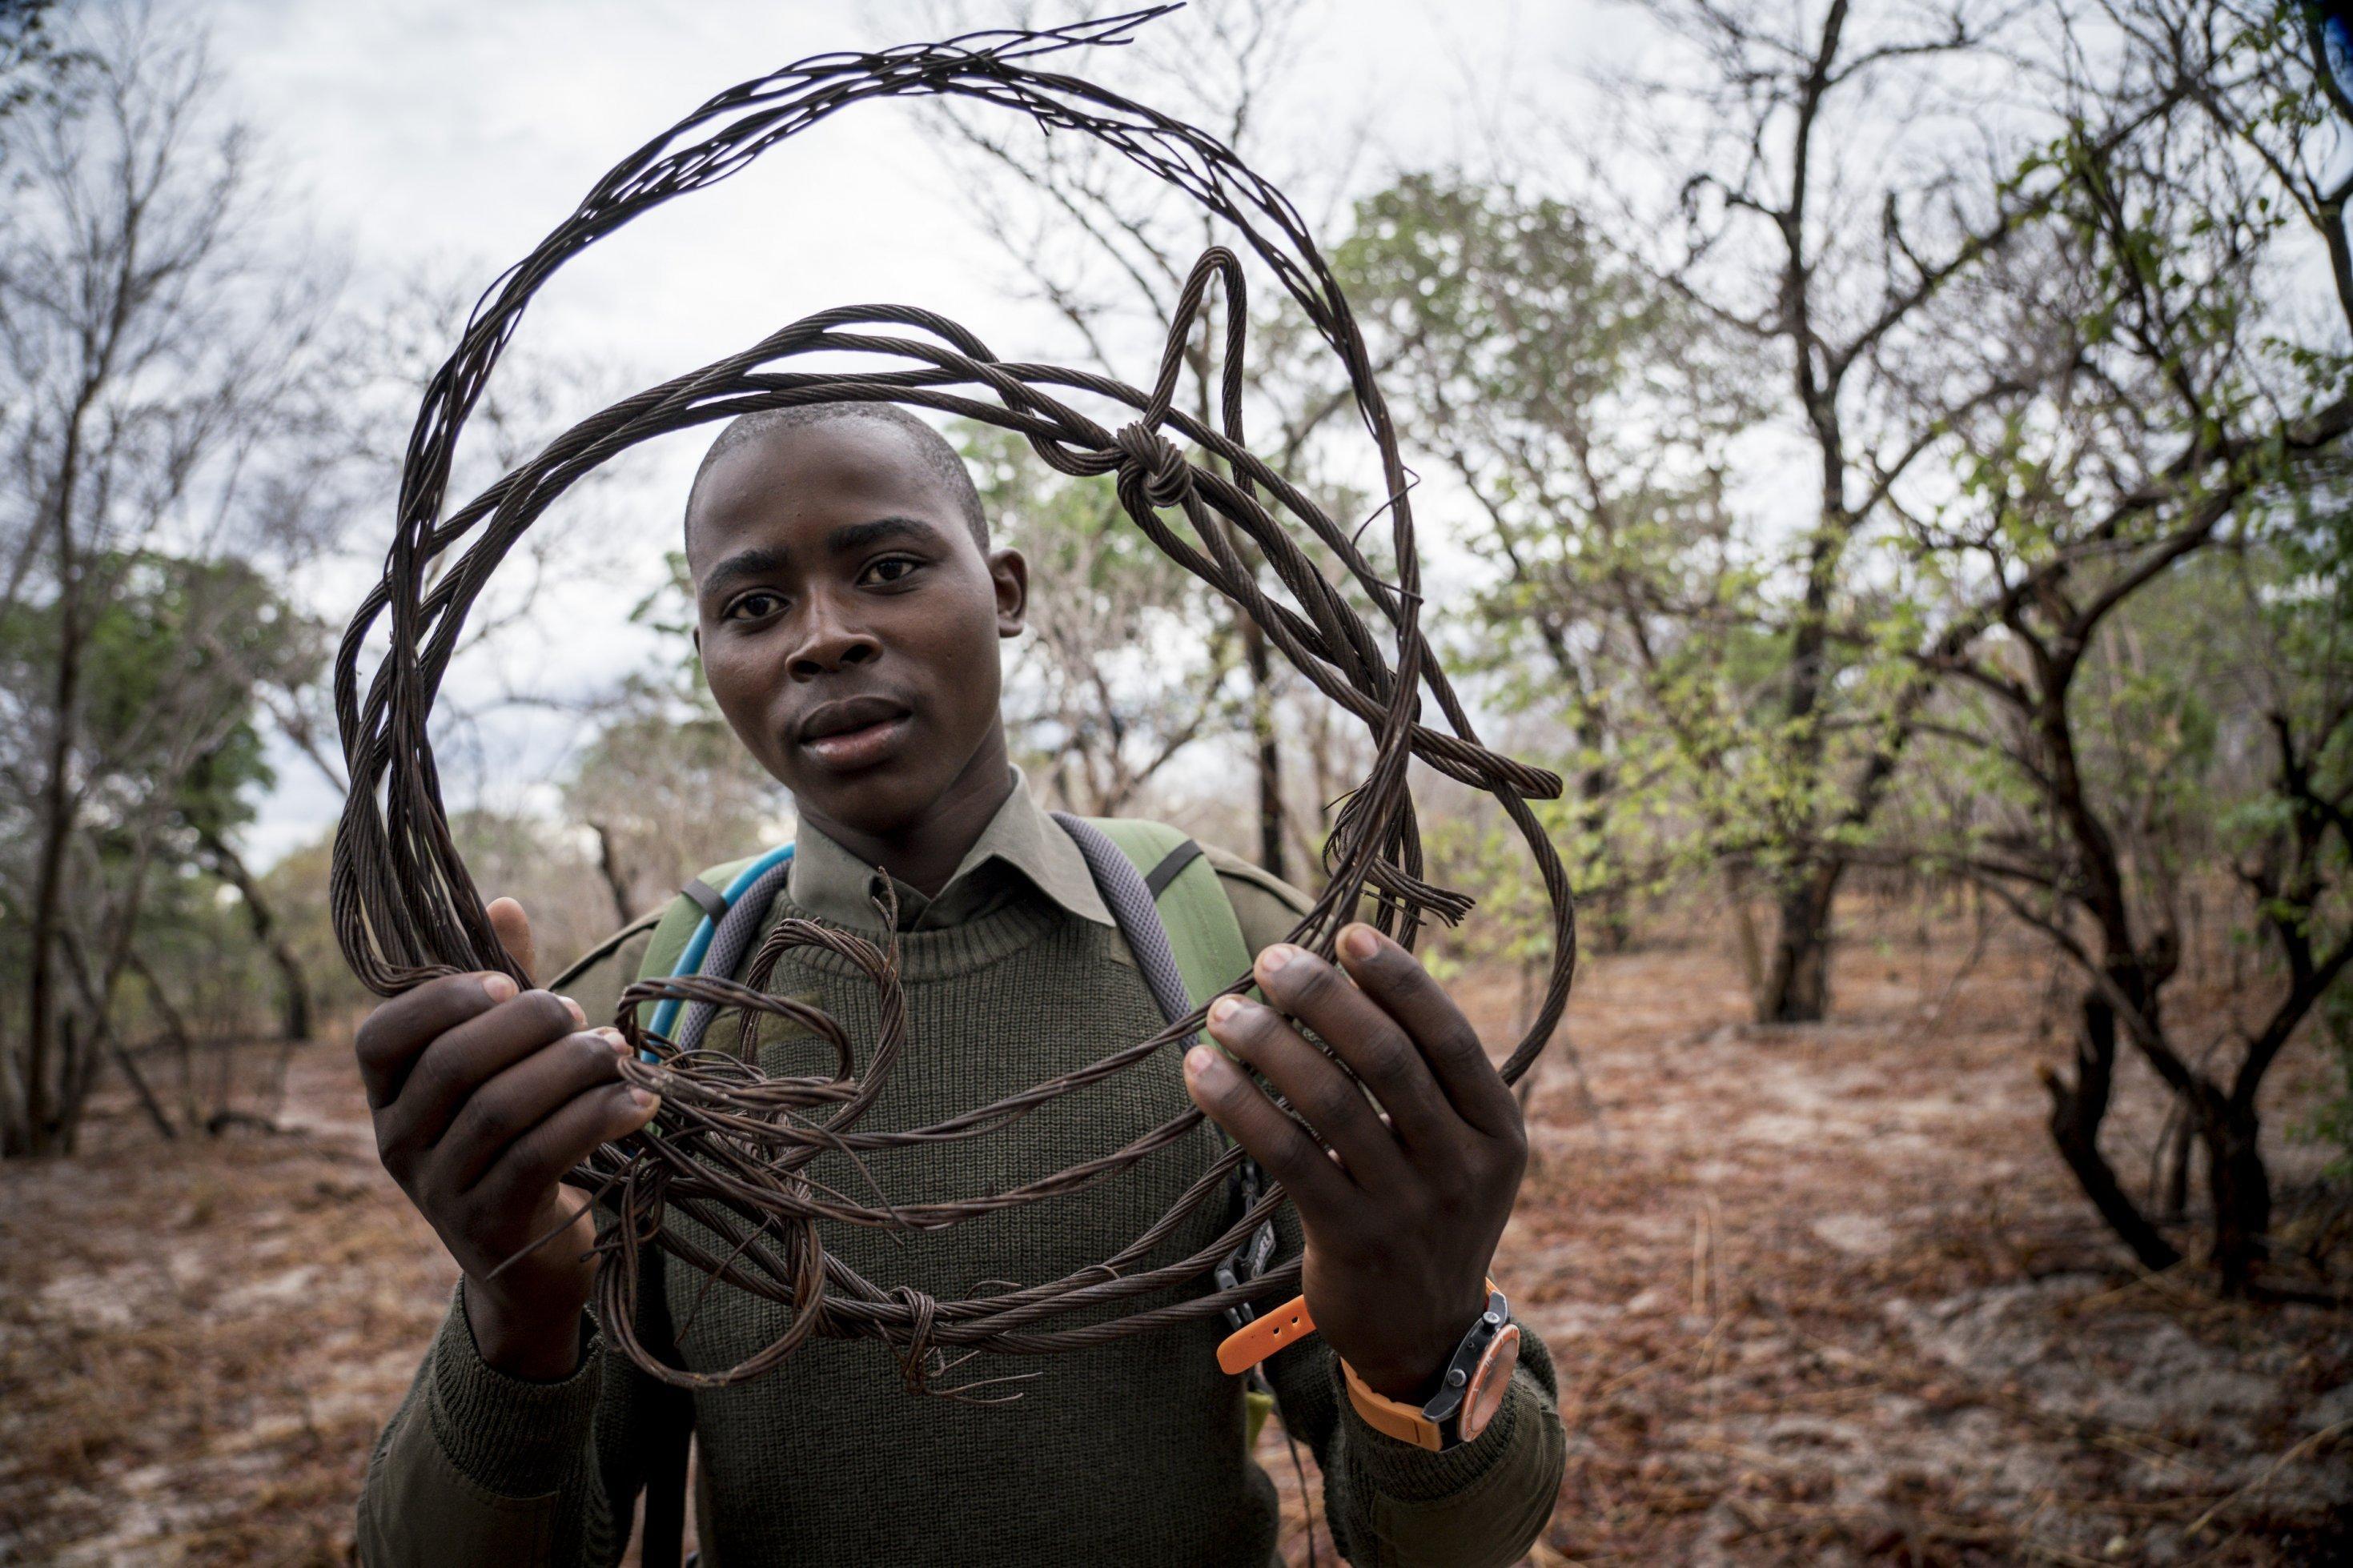 Ein Mitglied der Anti-Wilderer-Einheit hält eine Drahtfalle in den Händen und schaut hindurch